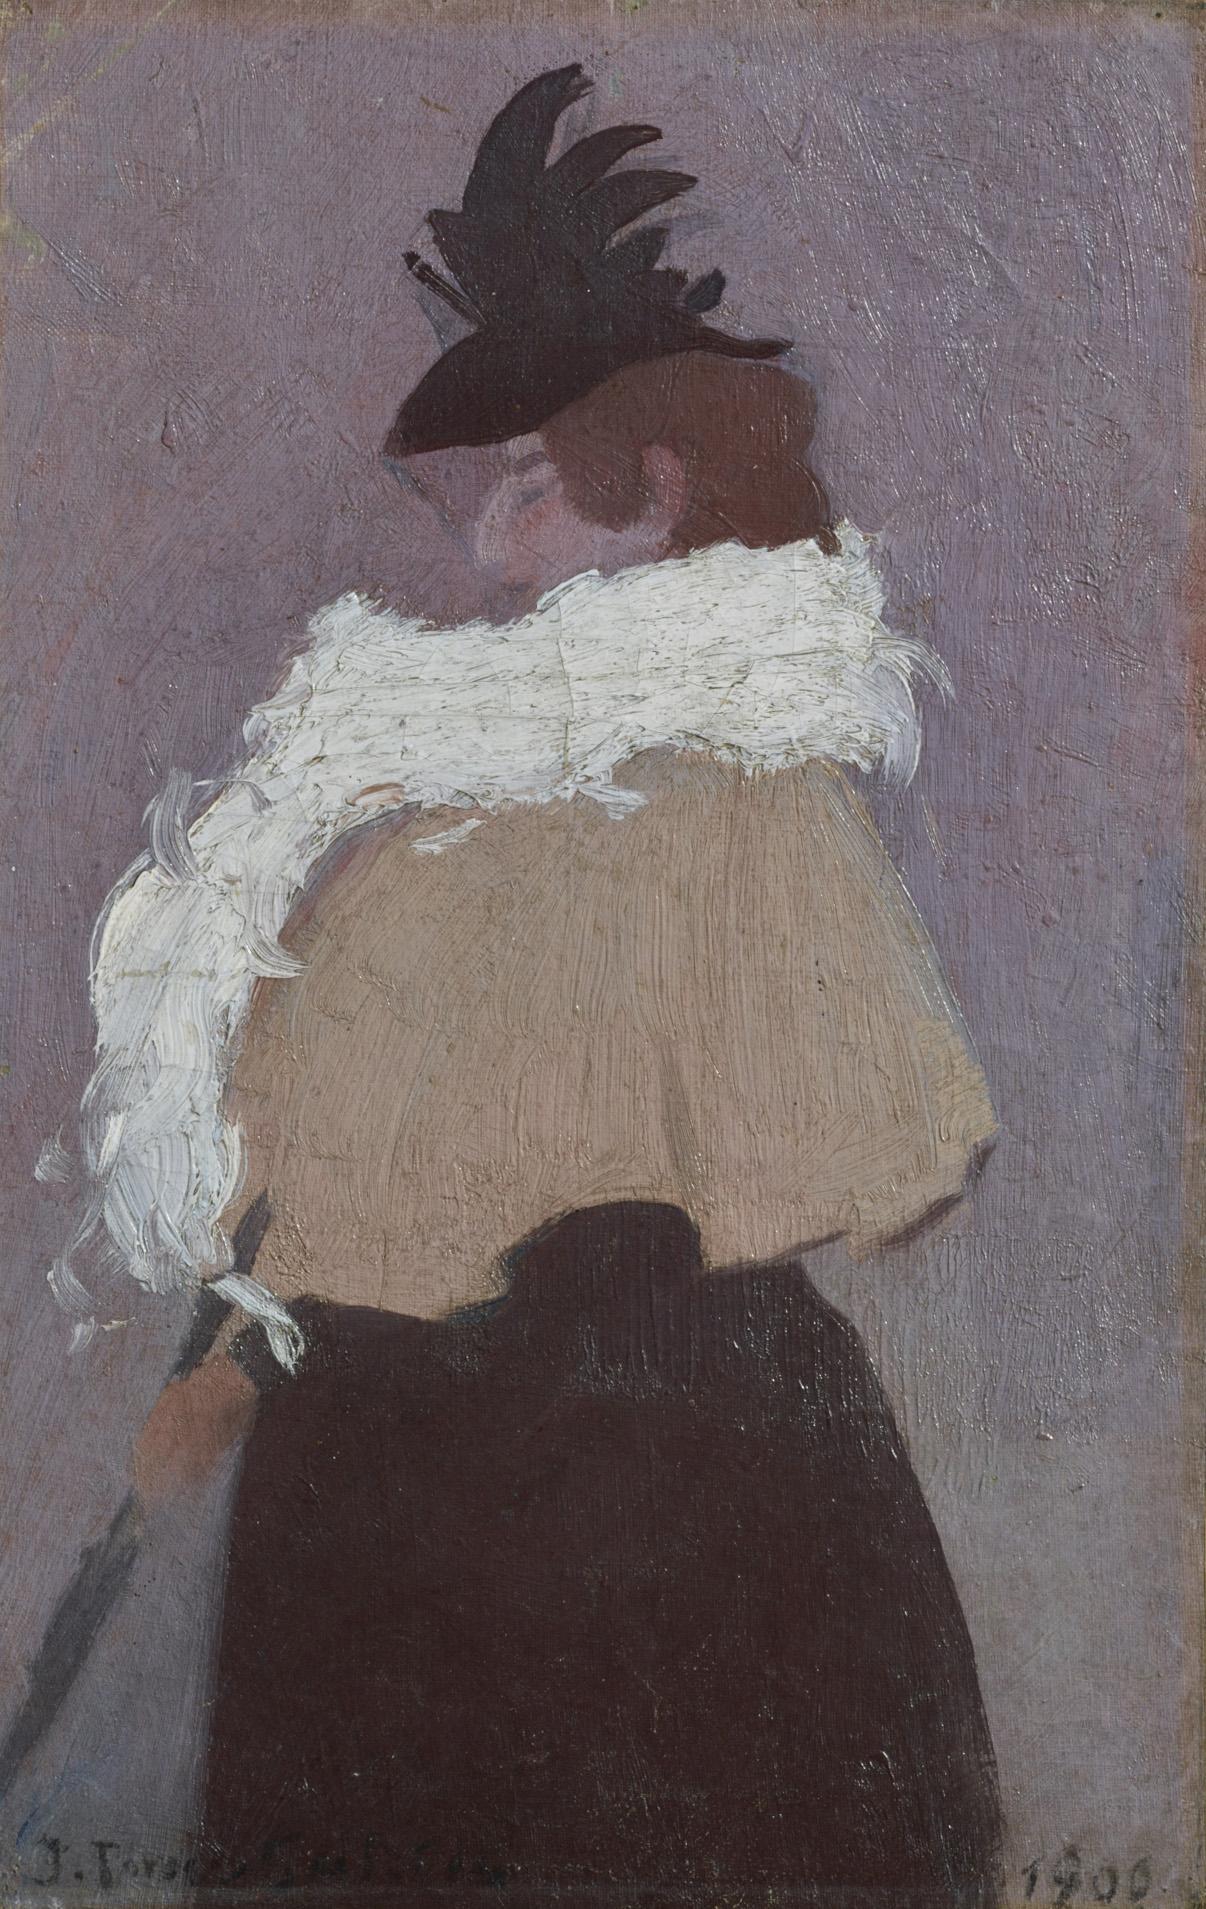 Joaquín Torres-García (Uruguayan. 1874–1949). Figura de mujer (Figure of a woman). 1900. Oil on board, 18 1/2 x 11 13/16″ (47 x 30 cm). Private collection. Switzerland. © Sucesión Joaquín Torres-García, Montevideo 2015. Photo credit: Peter Schälchli, Zurich.